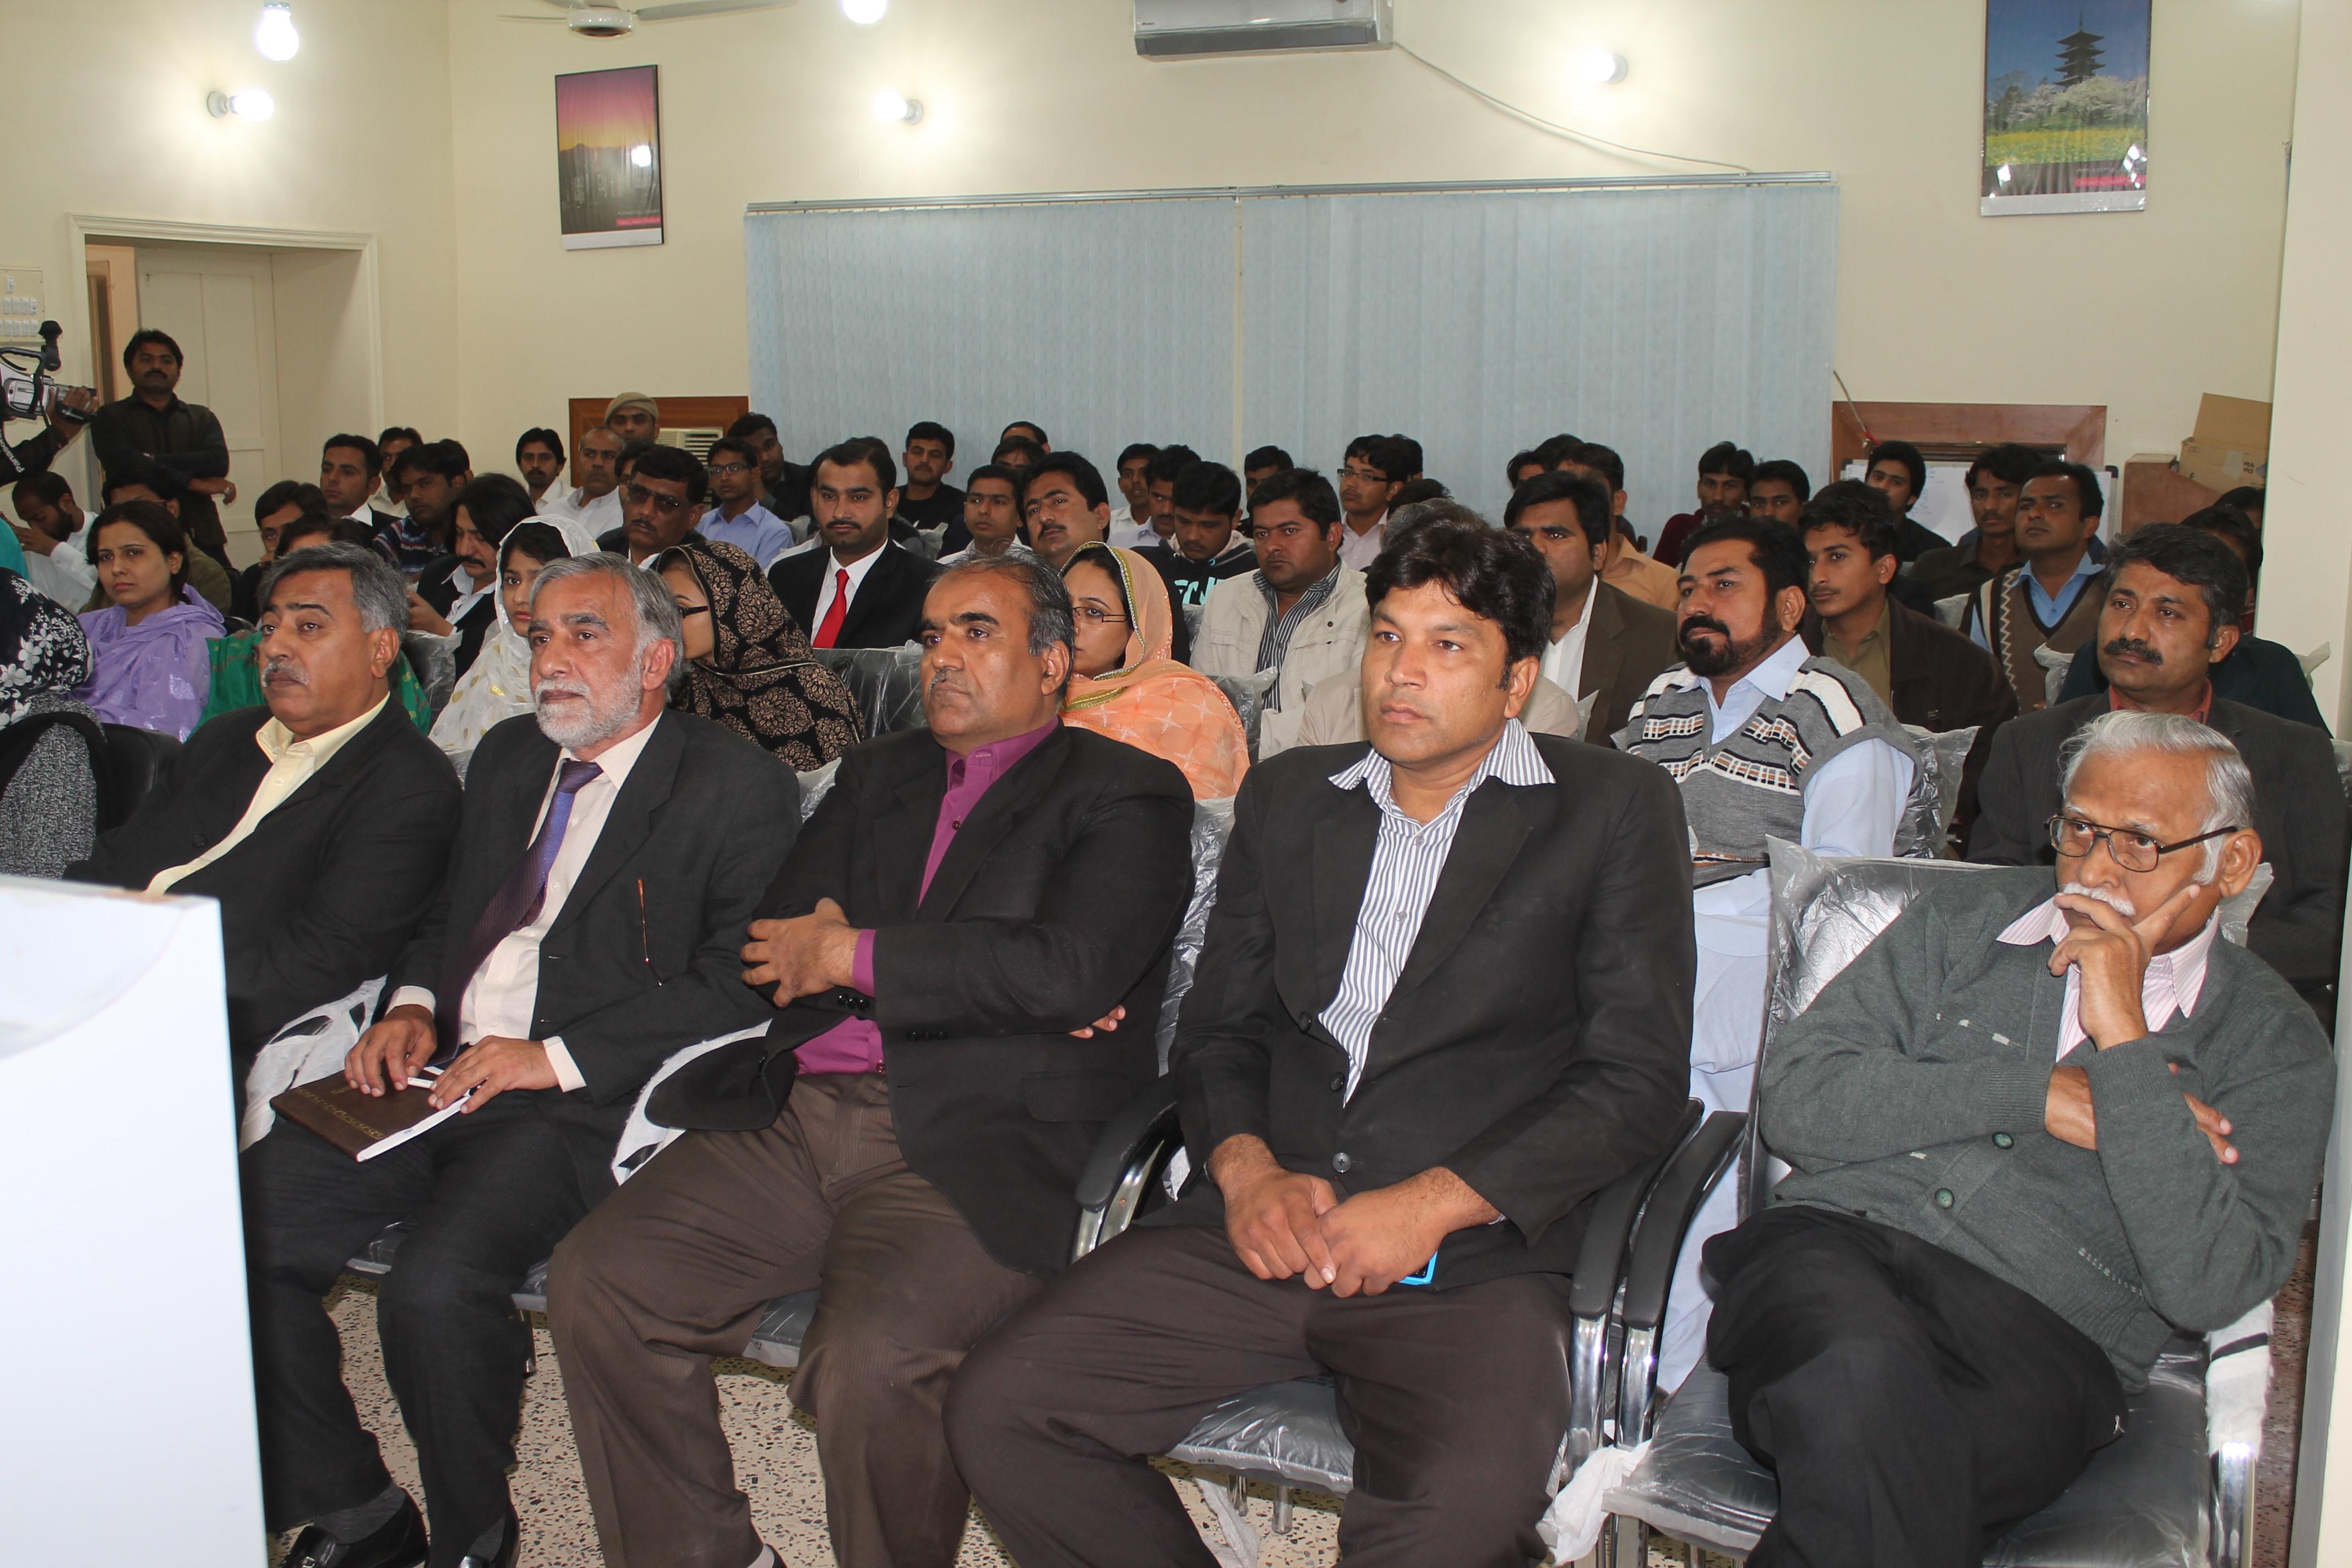 Public seminars provide poor quality training